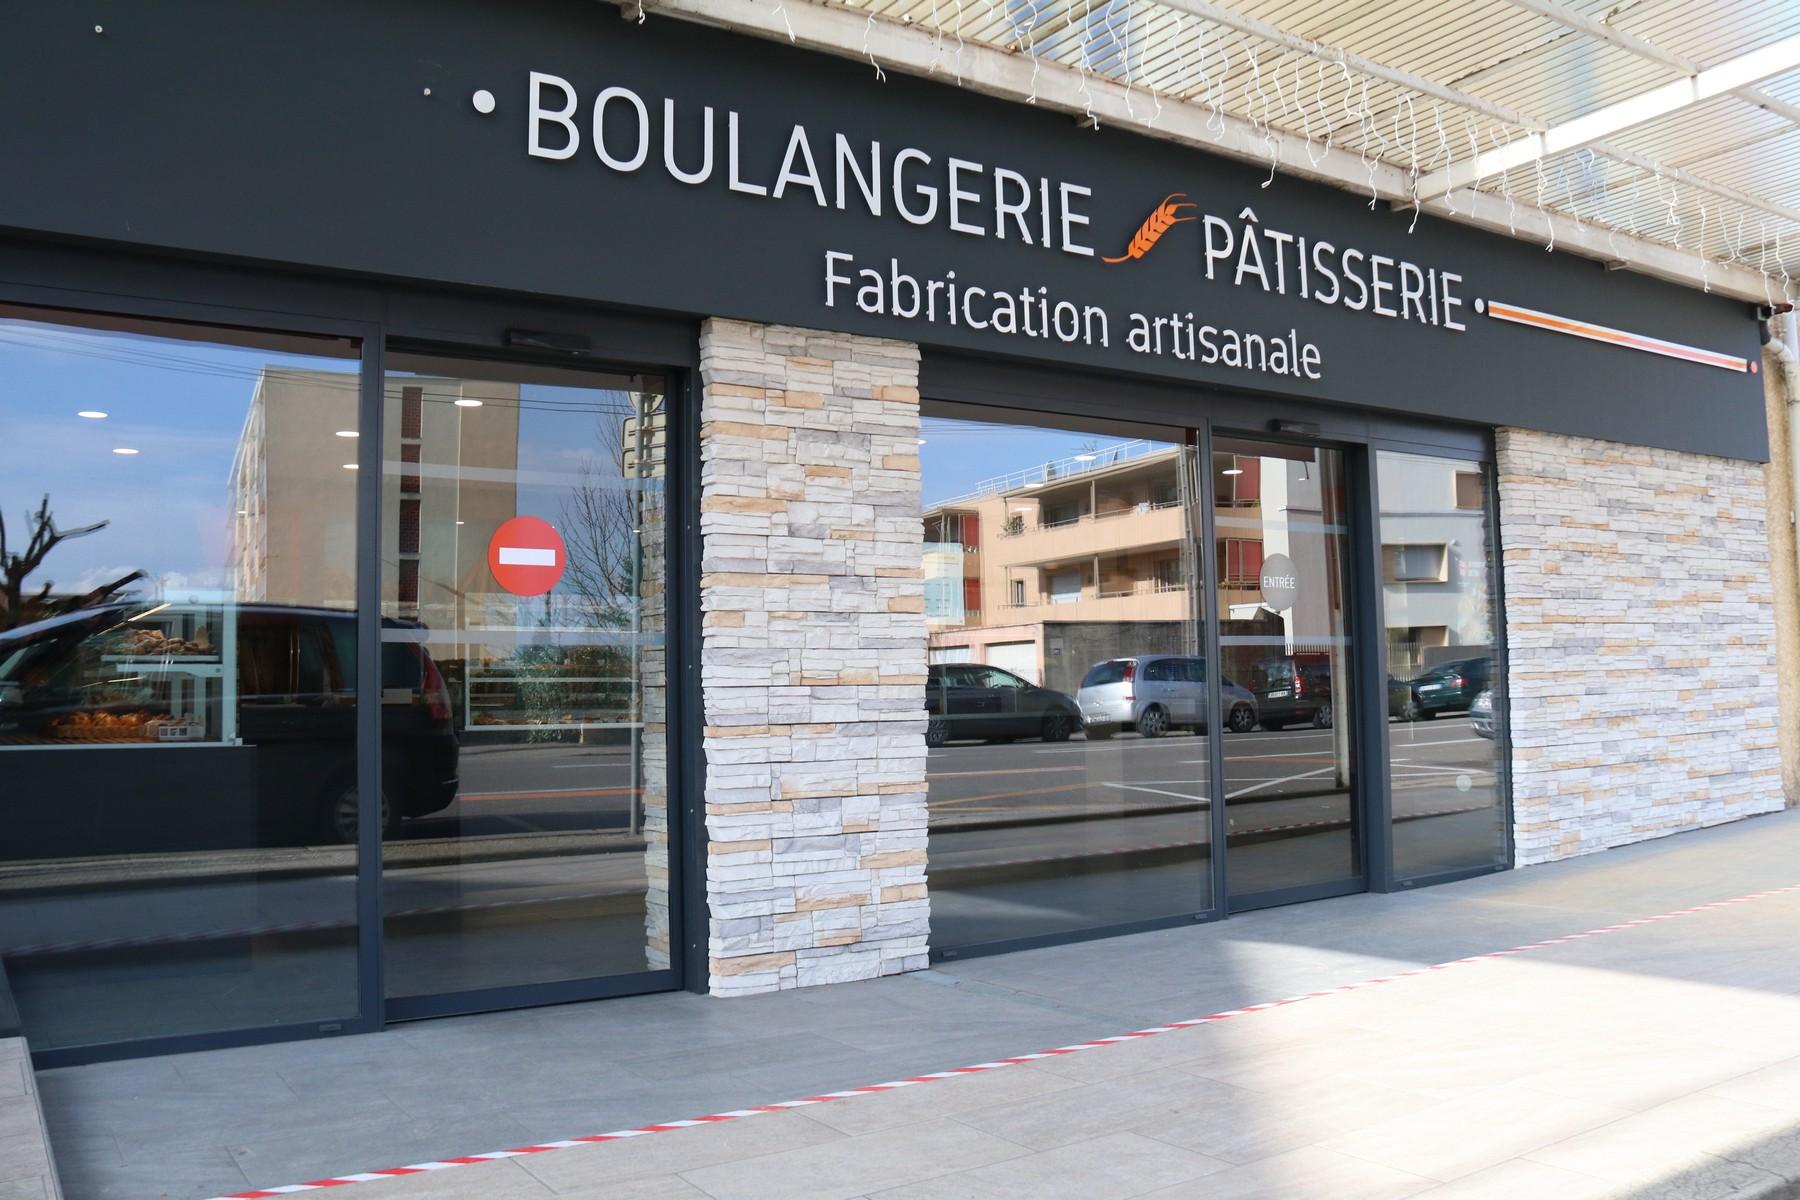 Le Régal Bressan est une société composé de deux boulangeries-pâtisseries artisanales. Une située à Bourg-en-Bresse et l'autre à Saint-Denis-lès-Bourg.